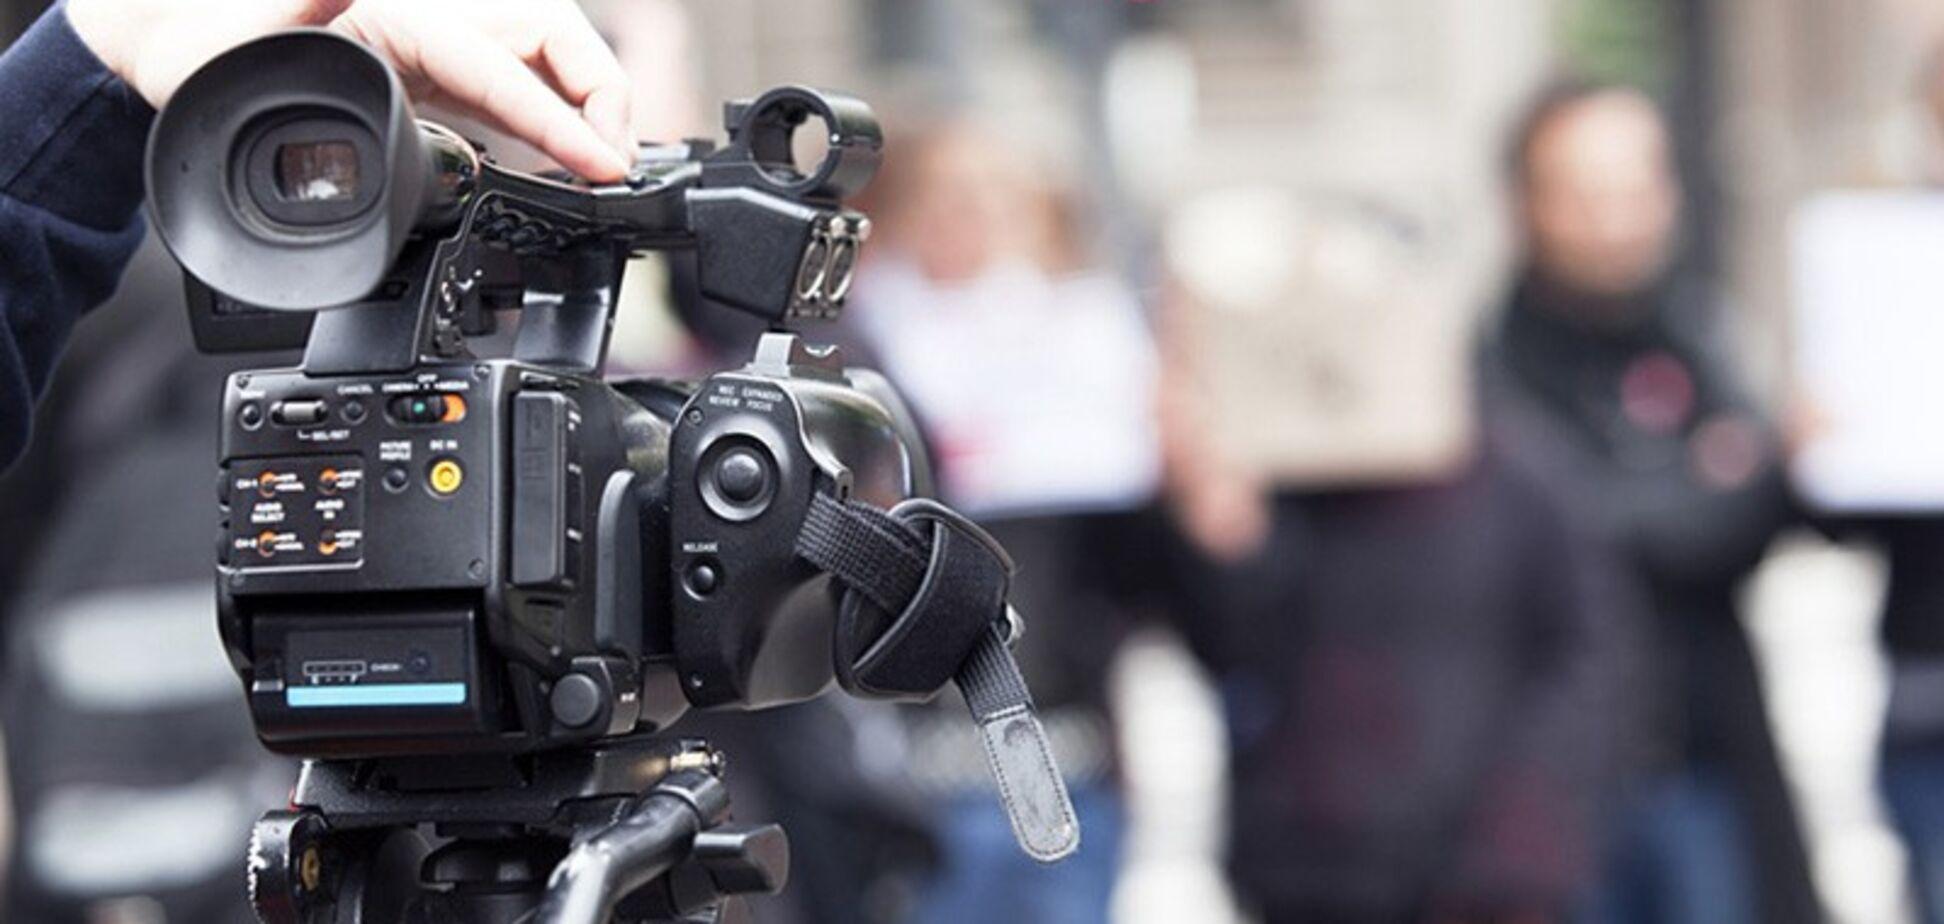 На Тернопільщині сильно побили журналістів під час зйомки